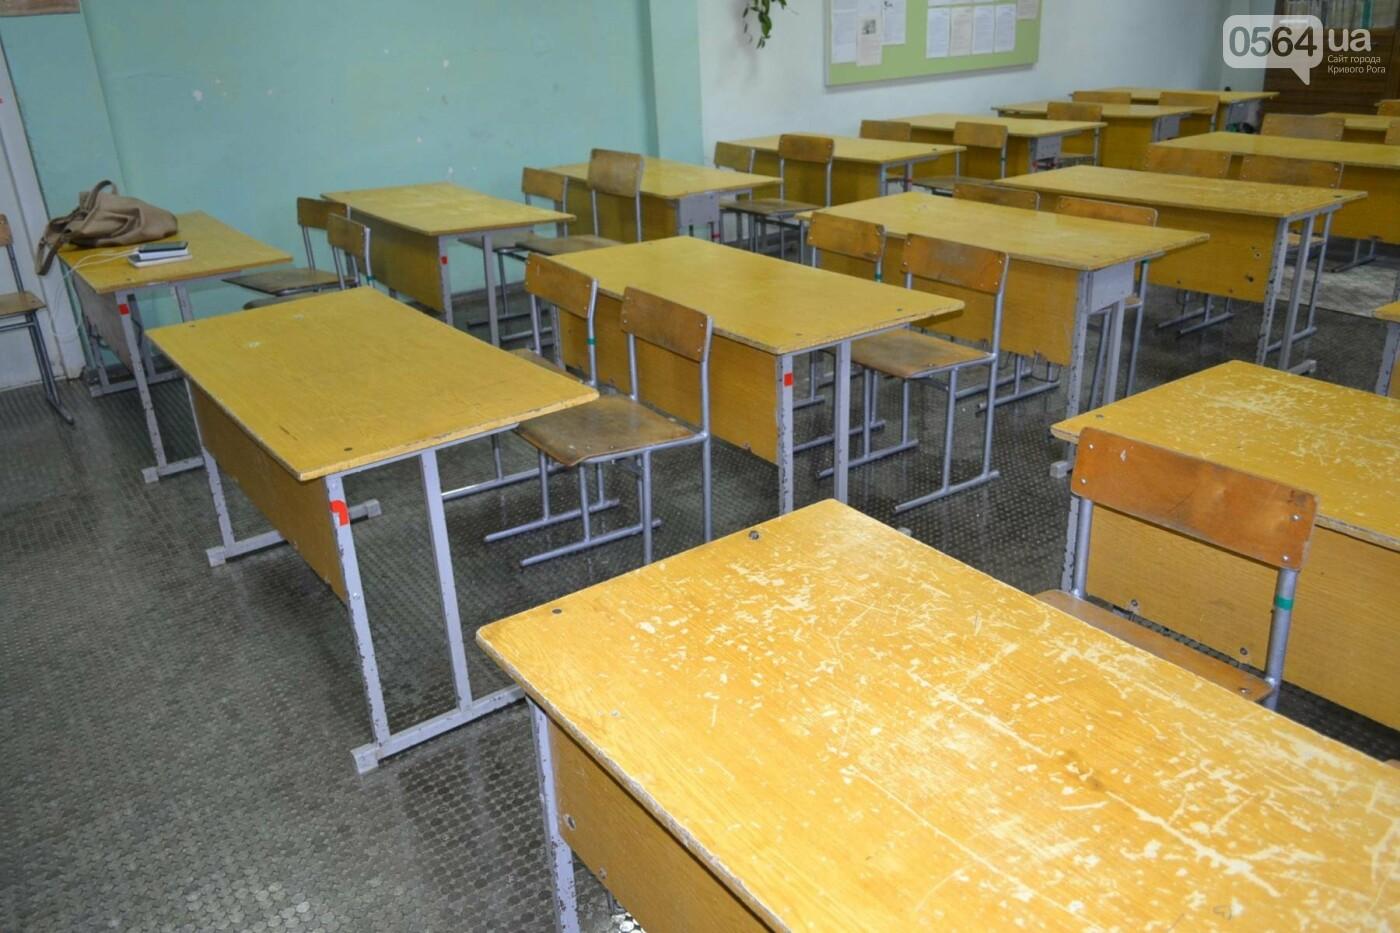 В школе Кривого Рога ремонтируют пол 5-копеечными монетами, - ФОТО, фото-4